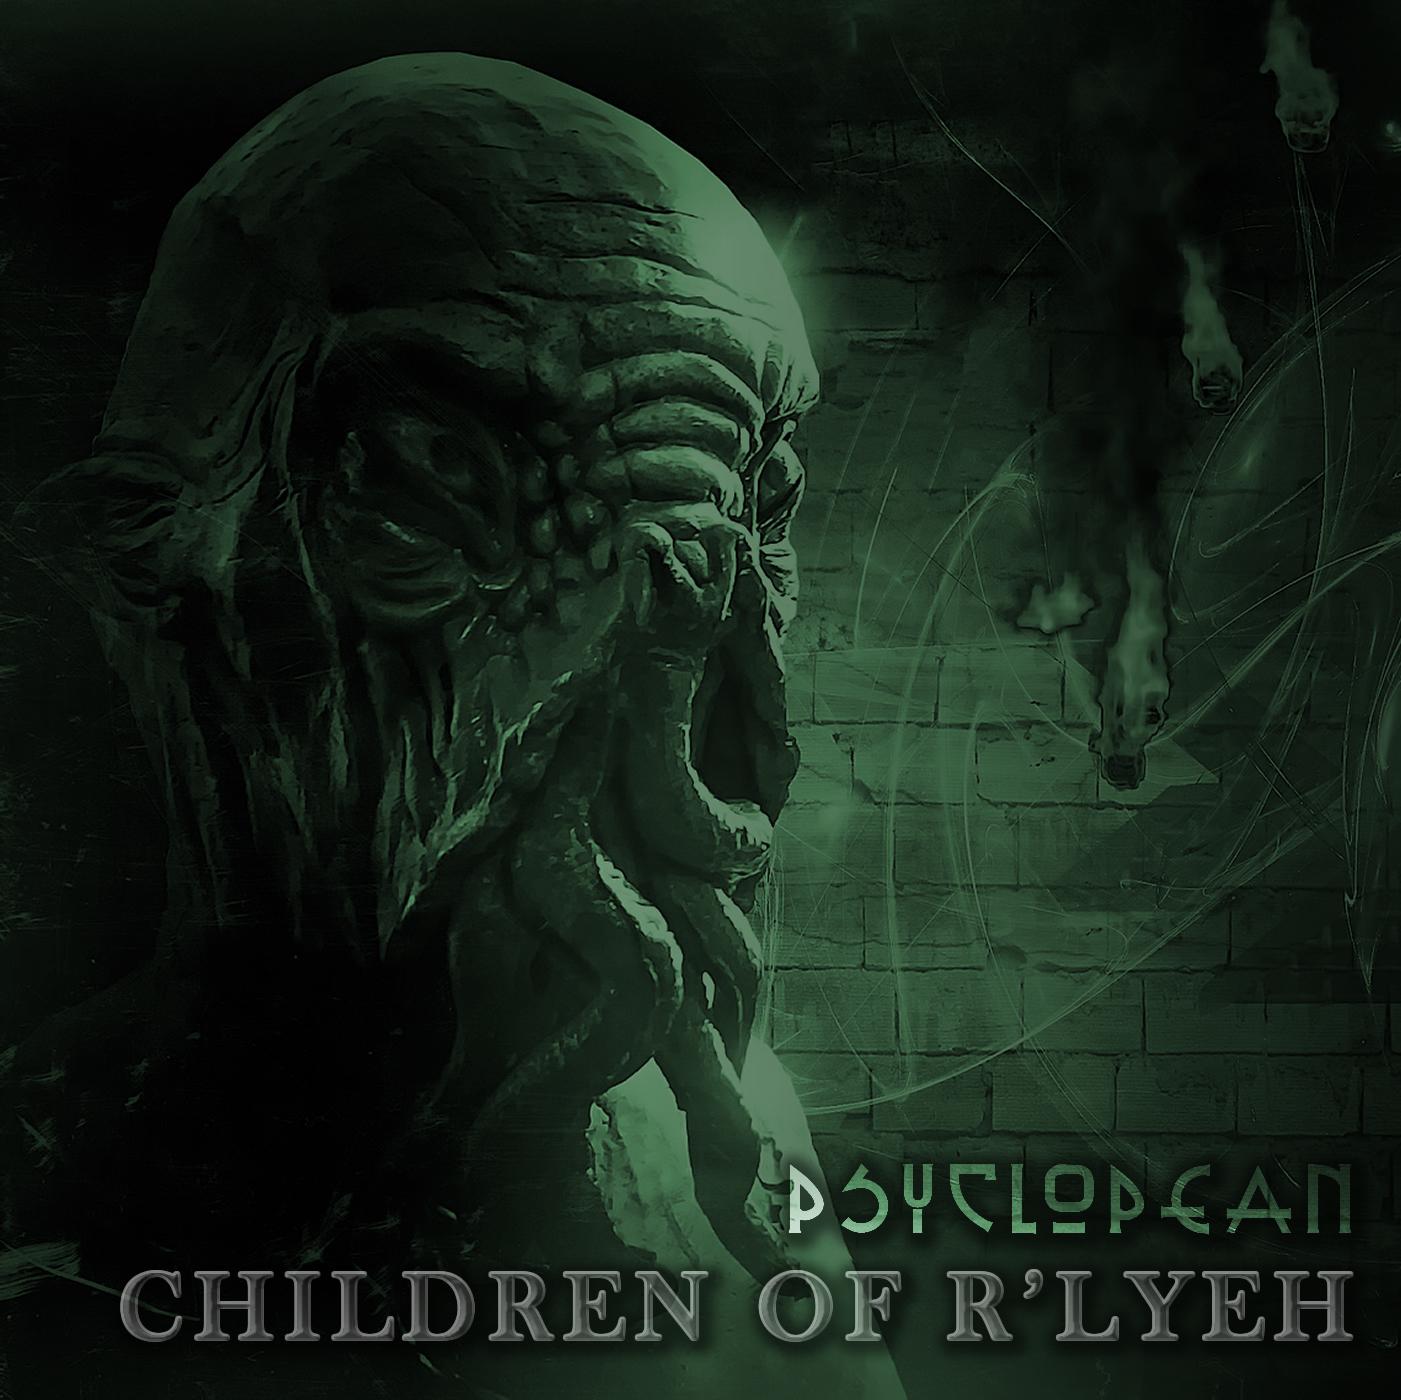 Children Of R'lyeh